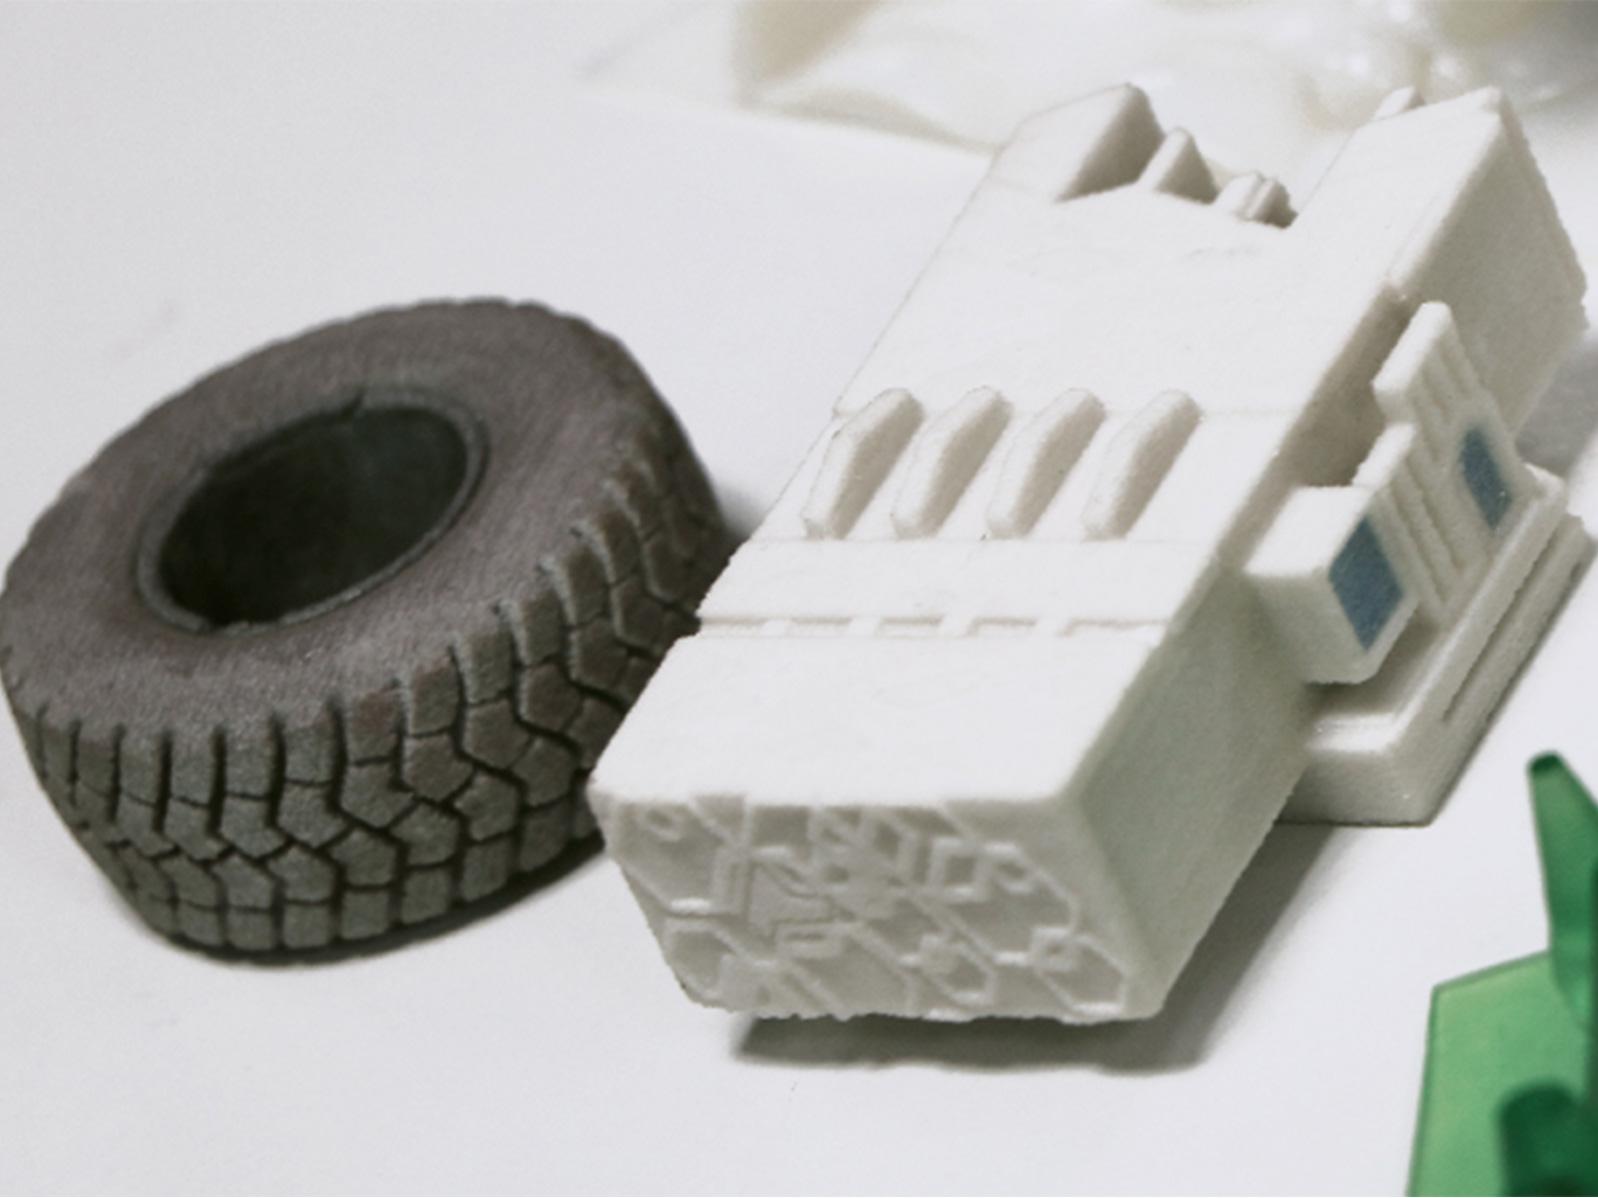 Clase de impresión 3D para maquetas en el máster de fabricación avanzada (MIFA) de EDDM impartida por EXarchitects y Roque Peña